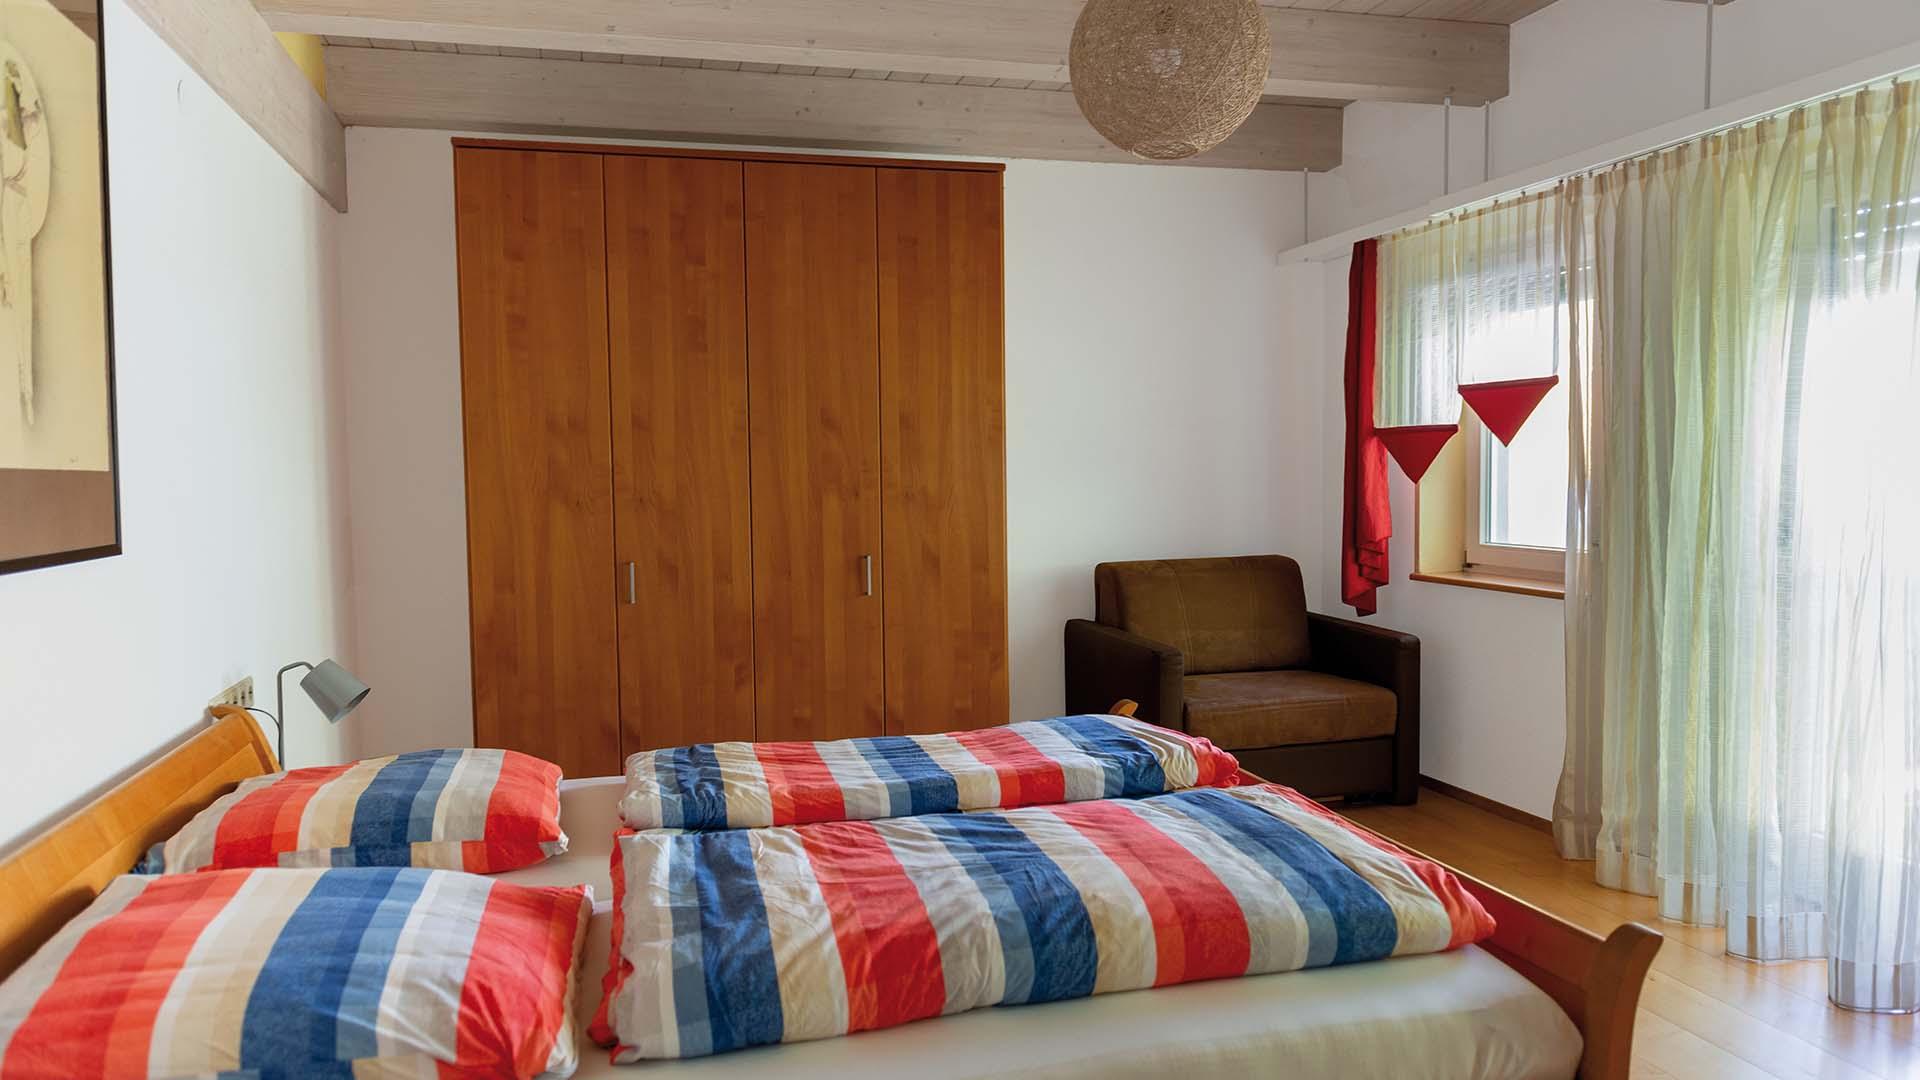 Ferienhaus am Schönwasen - Schlafzimmer